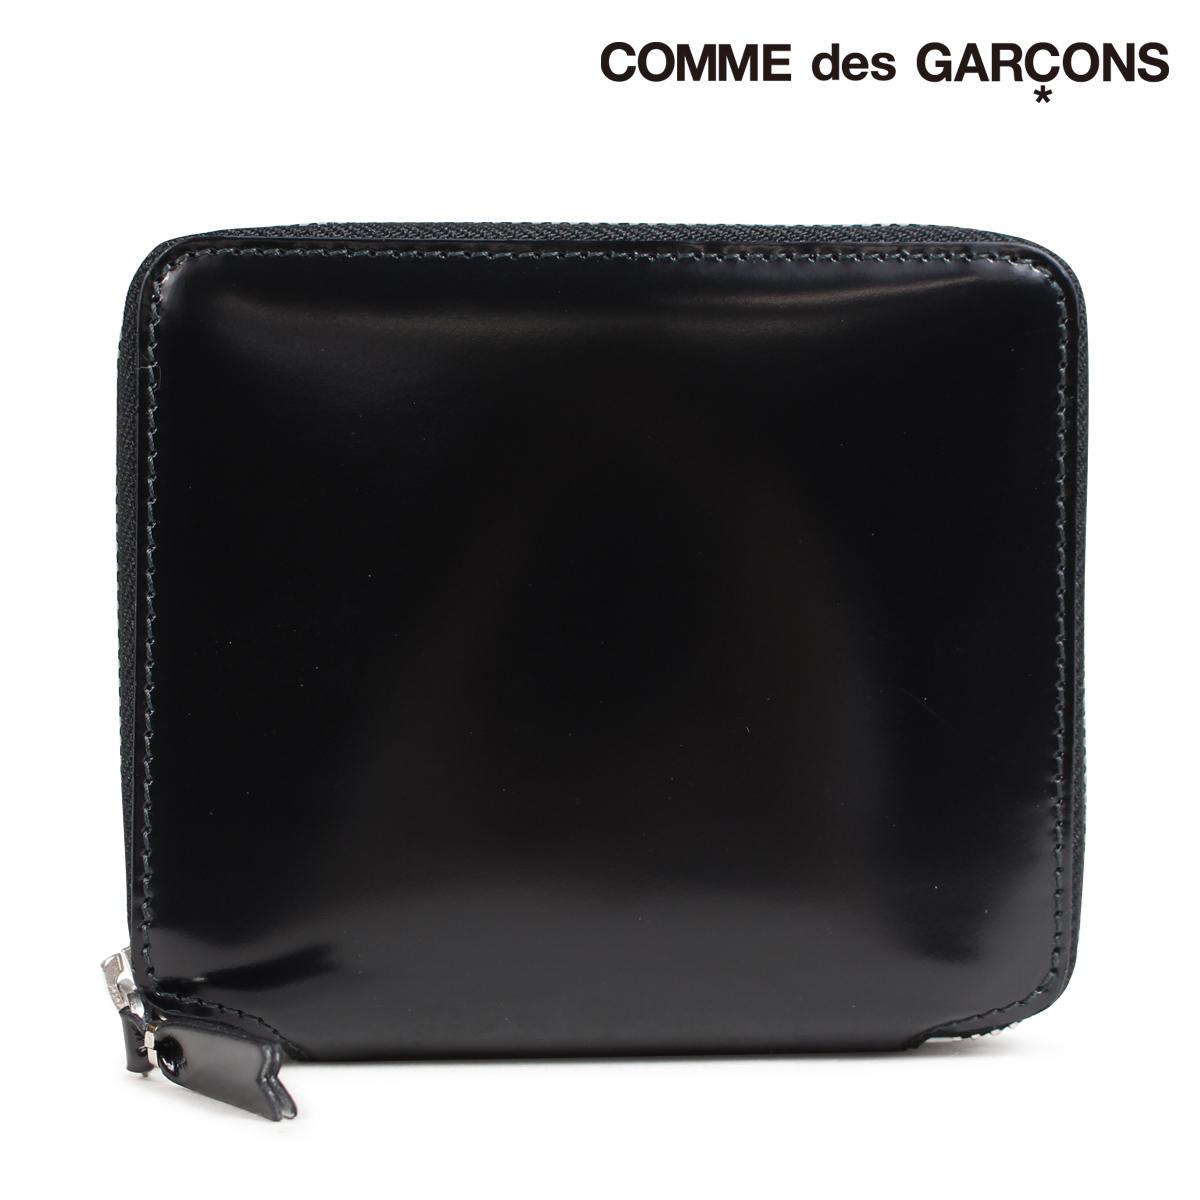 COMME des GARCONS 財布 二つ折り メンズ レディース ラウンドファスナー コムデギャルソン SA2100MI ブラック [9/11 新入荷]